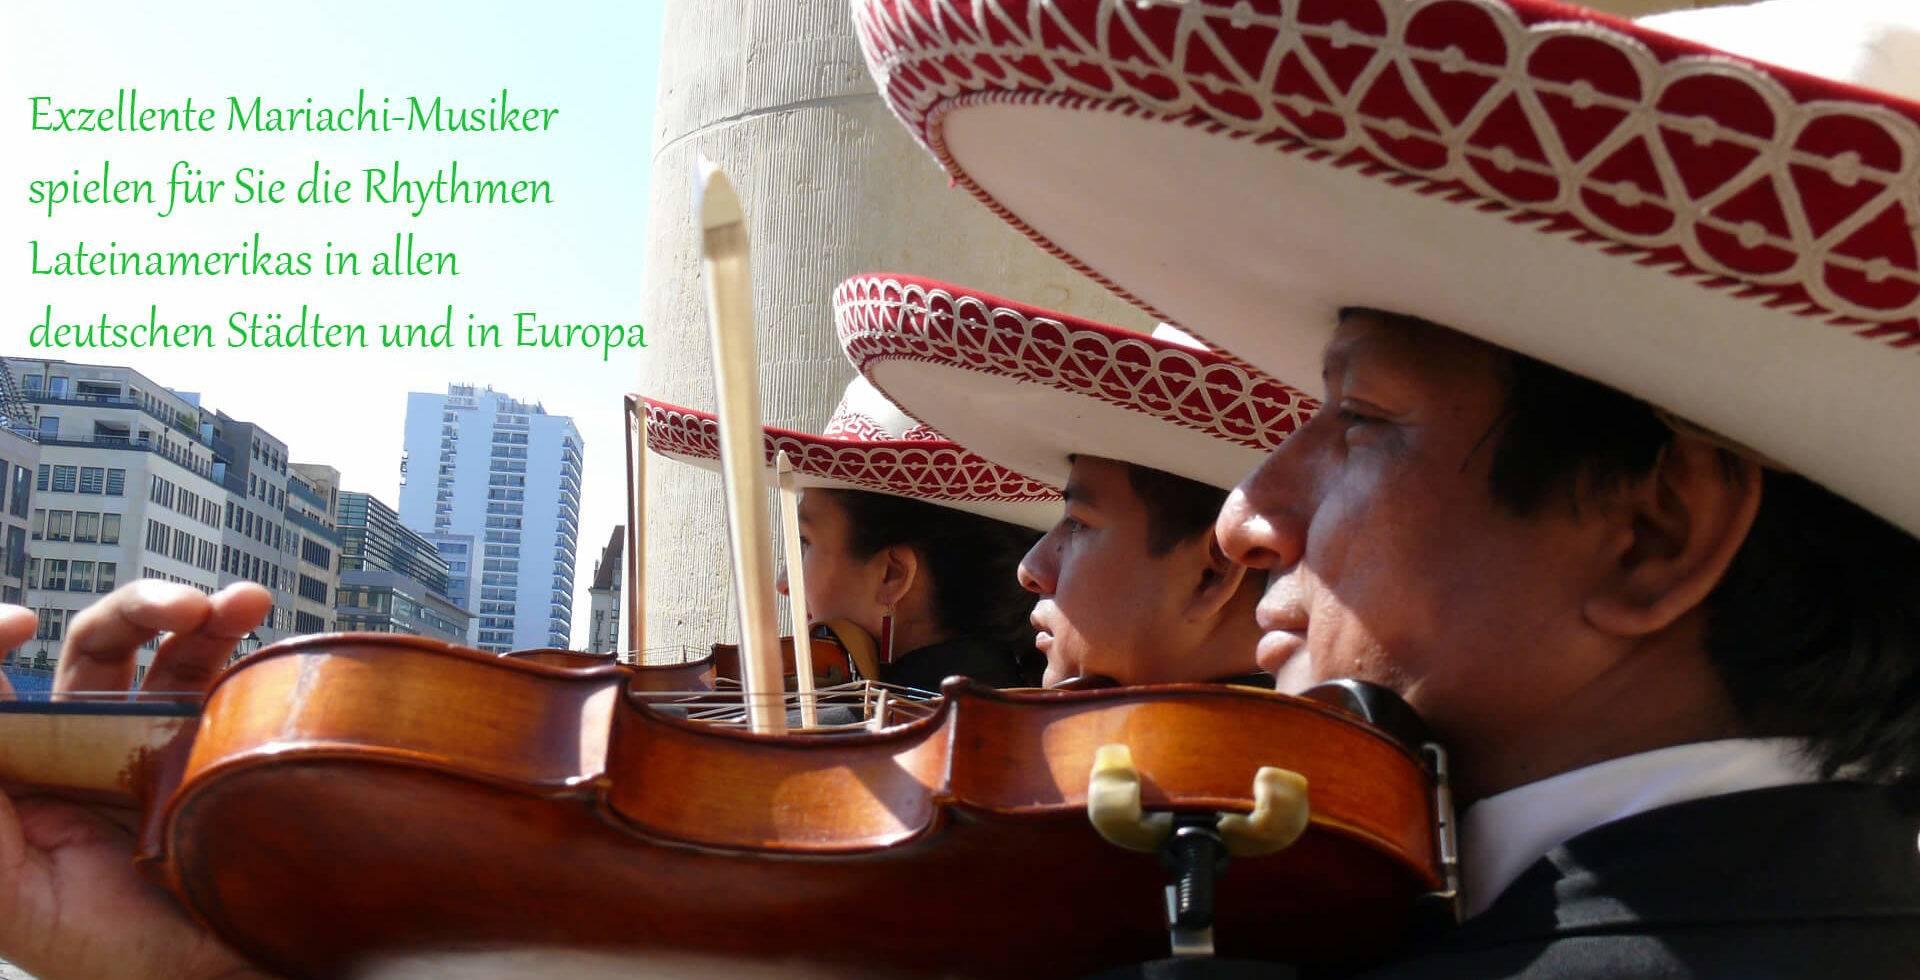 Mariachi: Hochzeitsmusik, Partymusik, Musik auf Messen und Veranstaltungen hier in Deutschland und in benachbarten Länder